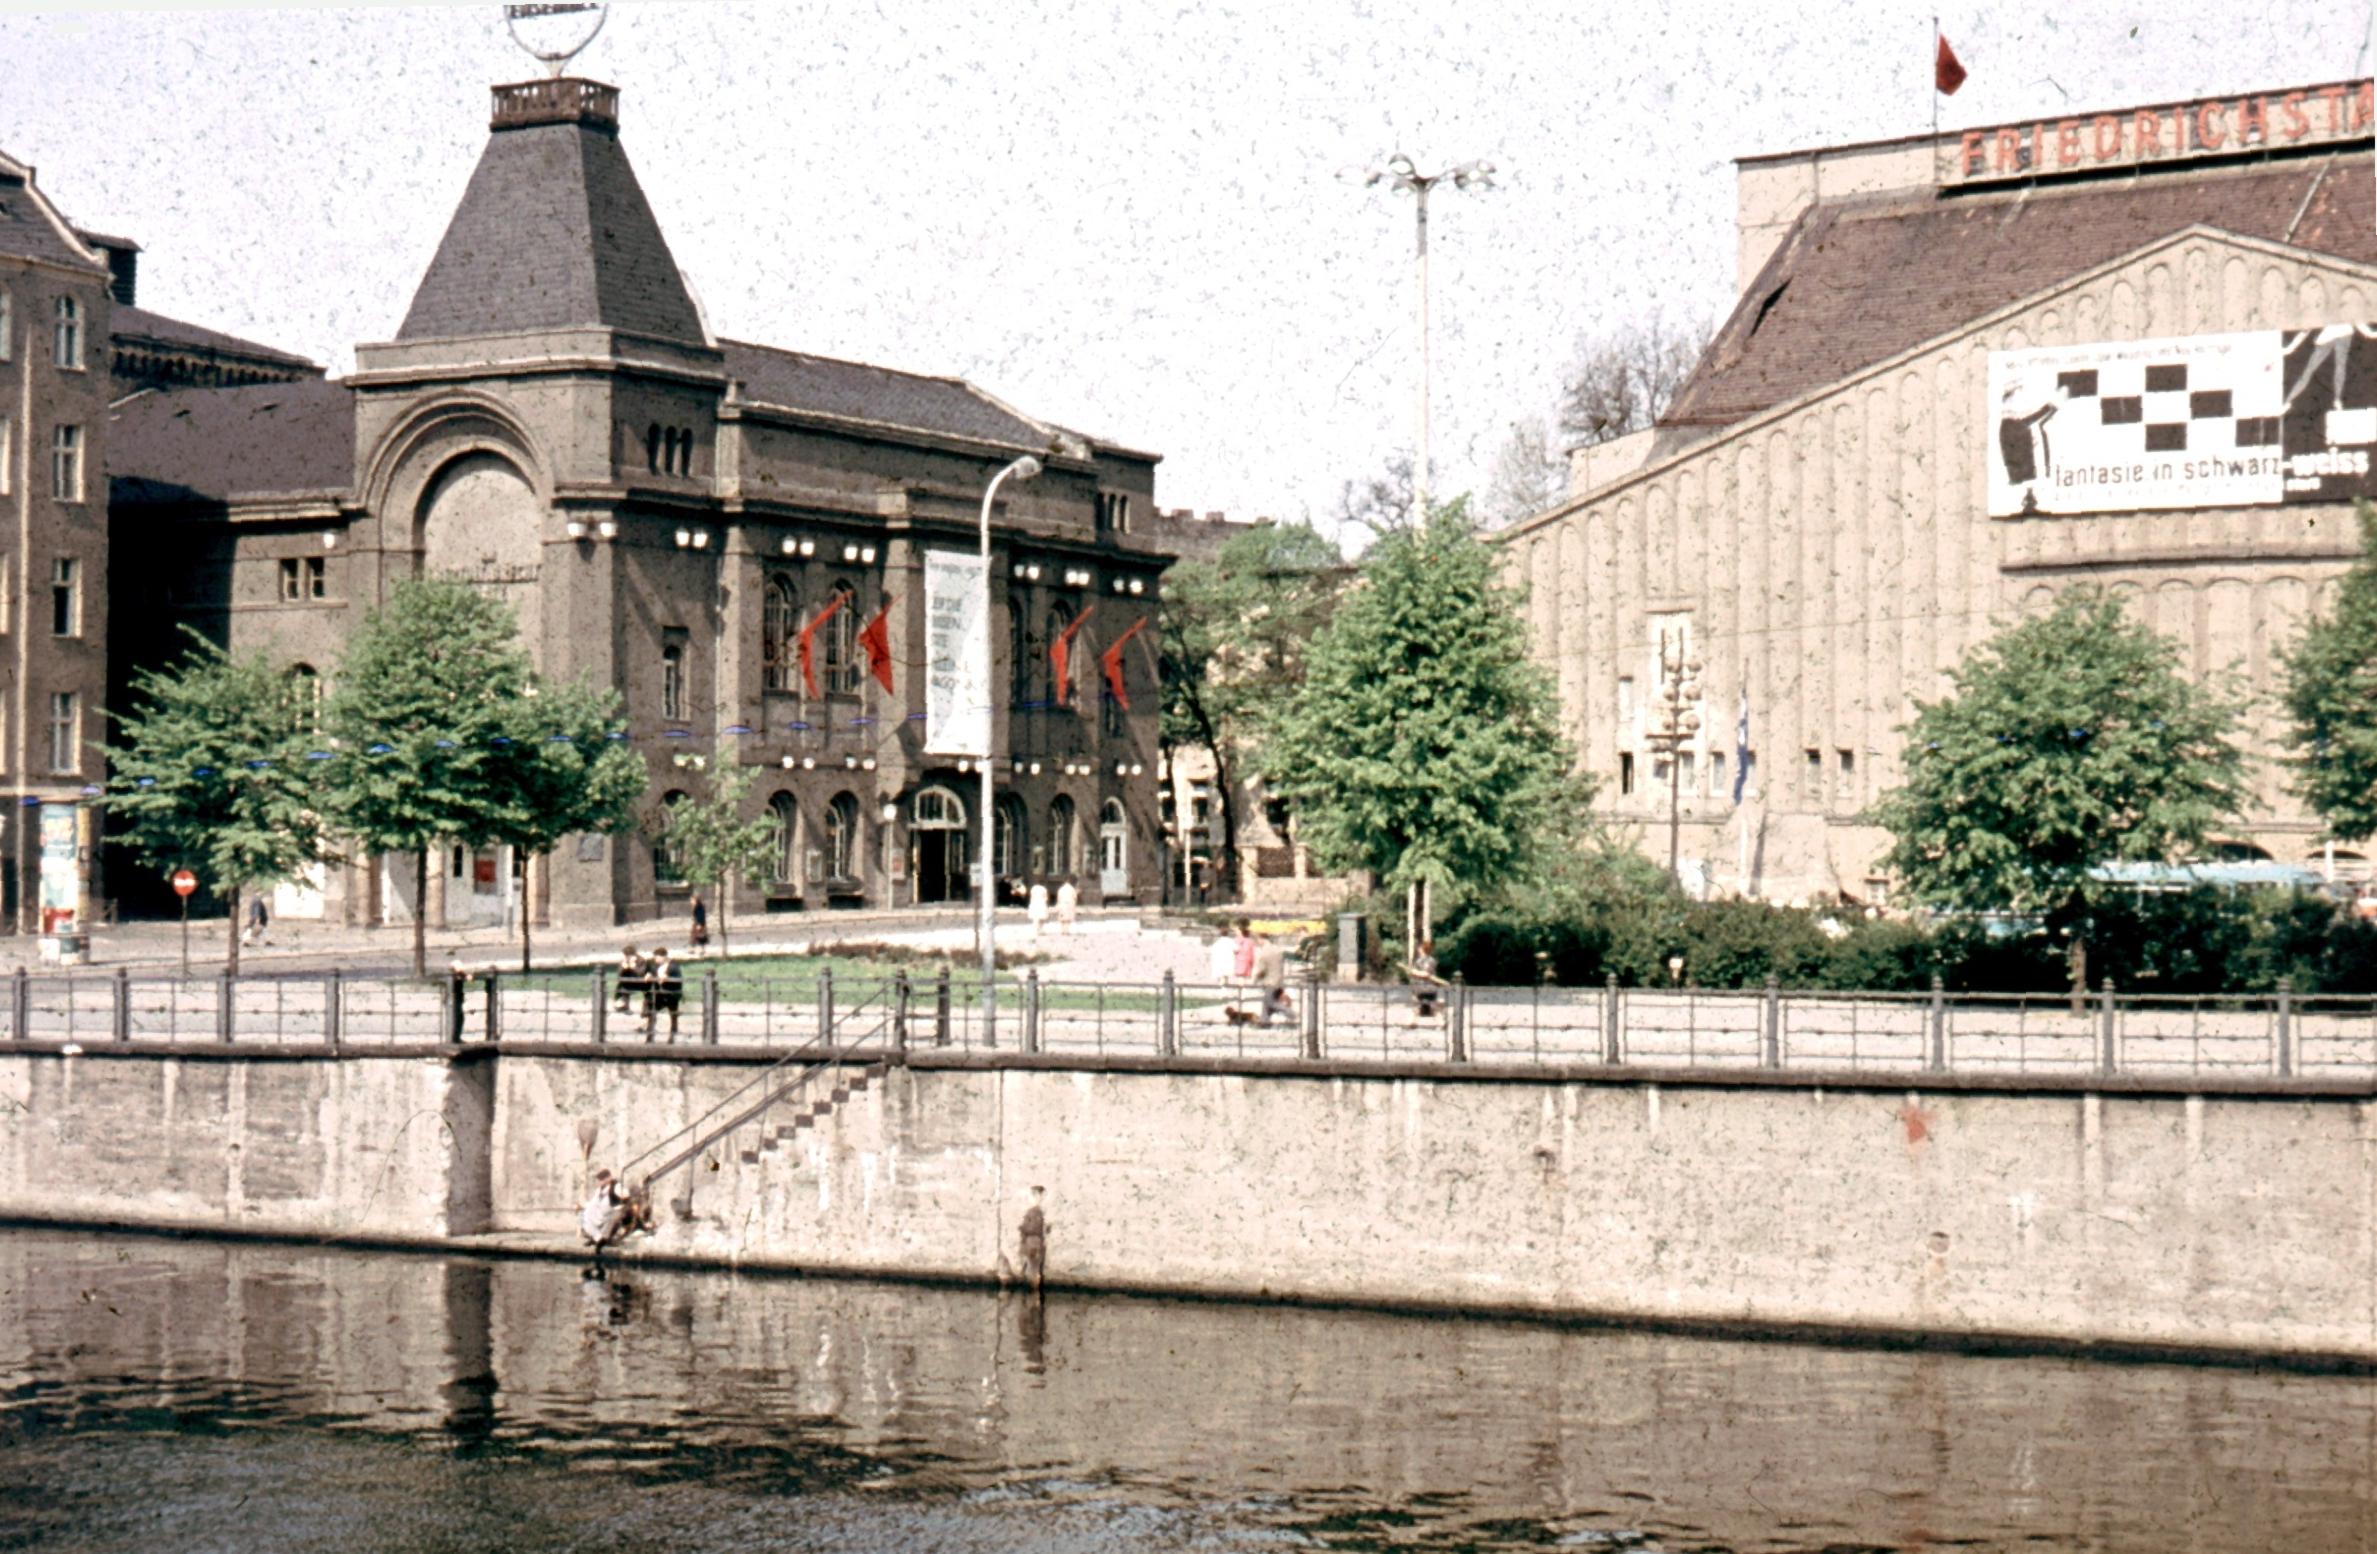 Links das Ganymed und das Berliner Ensemble, rechts der ehemalige Friedrichstadt-Palast (Foto: 1964, CC 3.0)